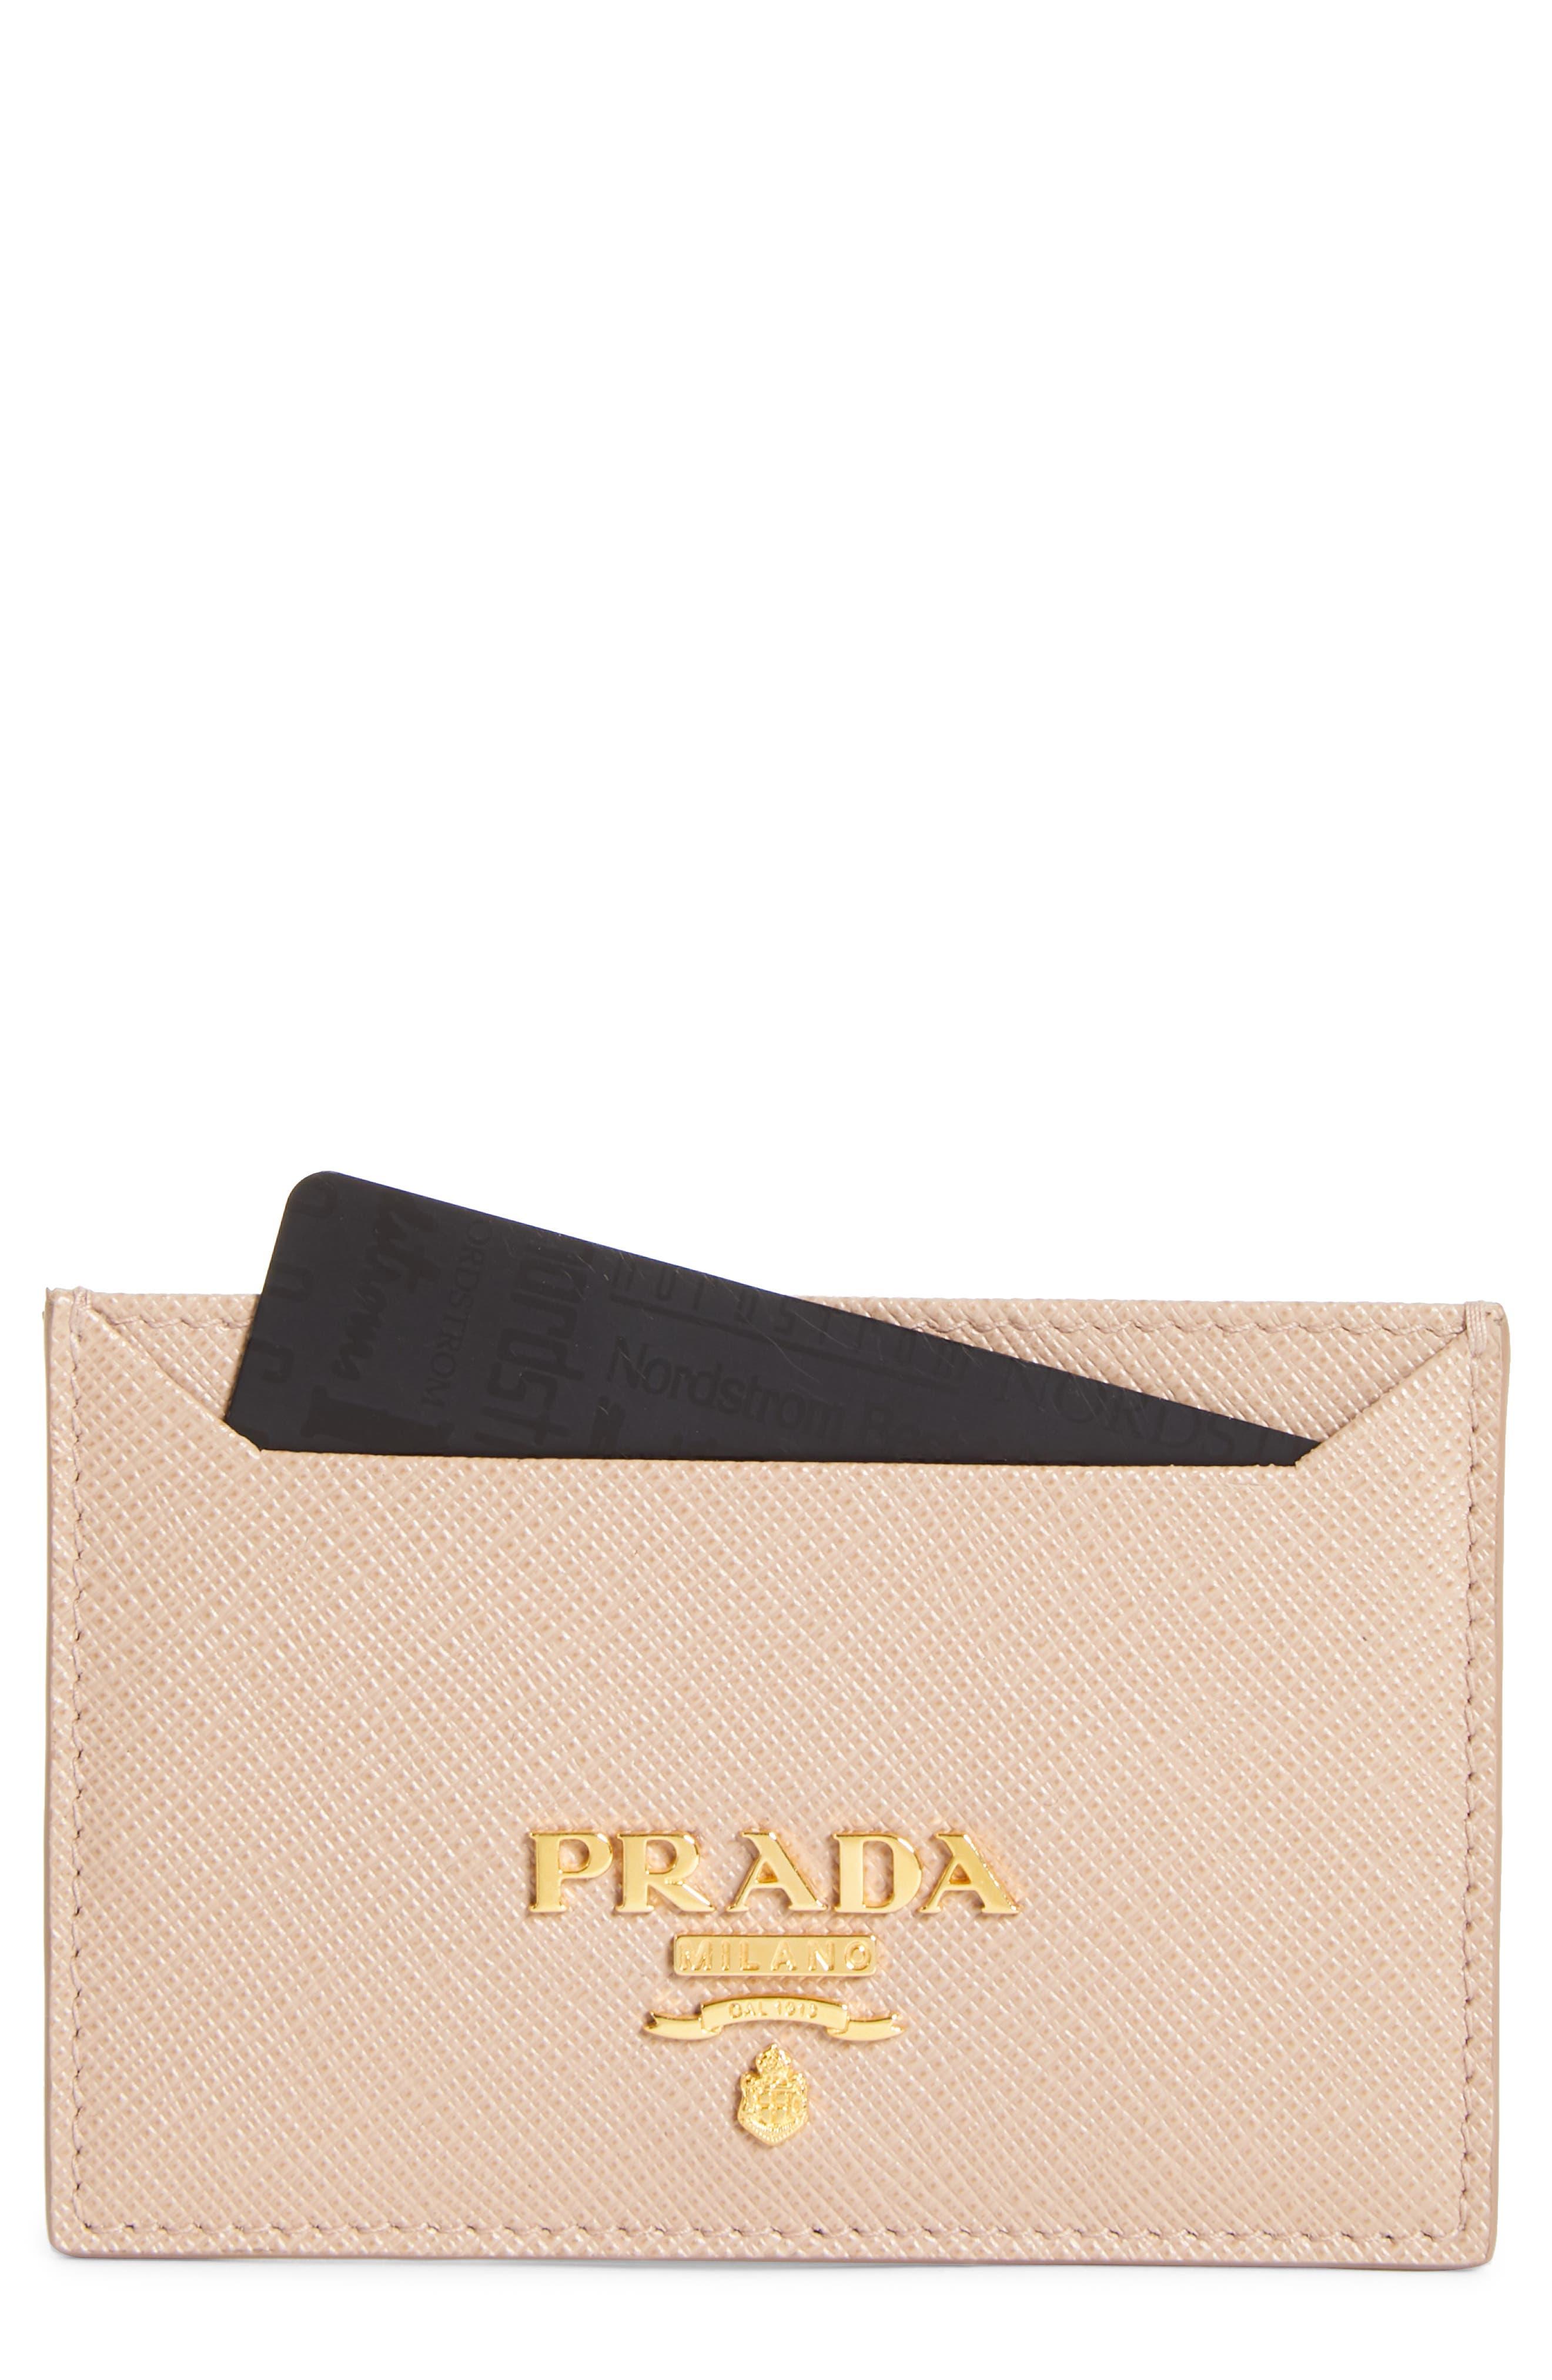 Saffiano Metal Oro Calfskin Leather Card Case,                         Main,                         color, Cipria